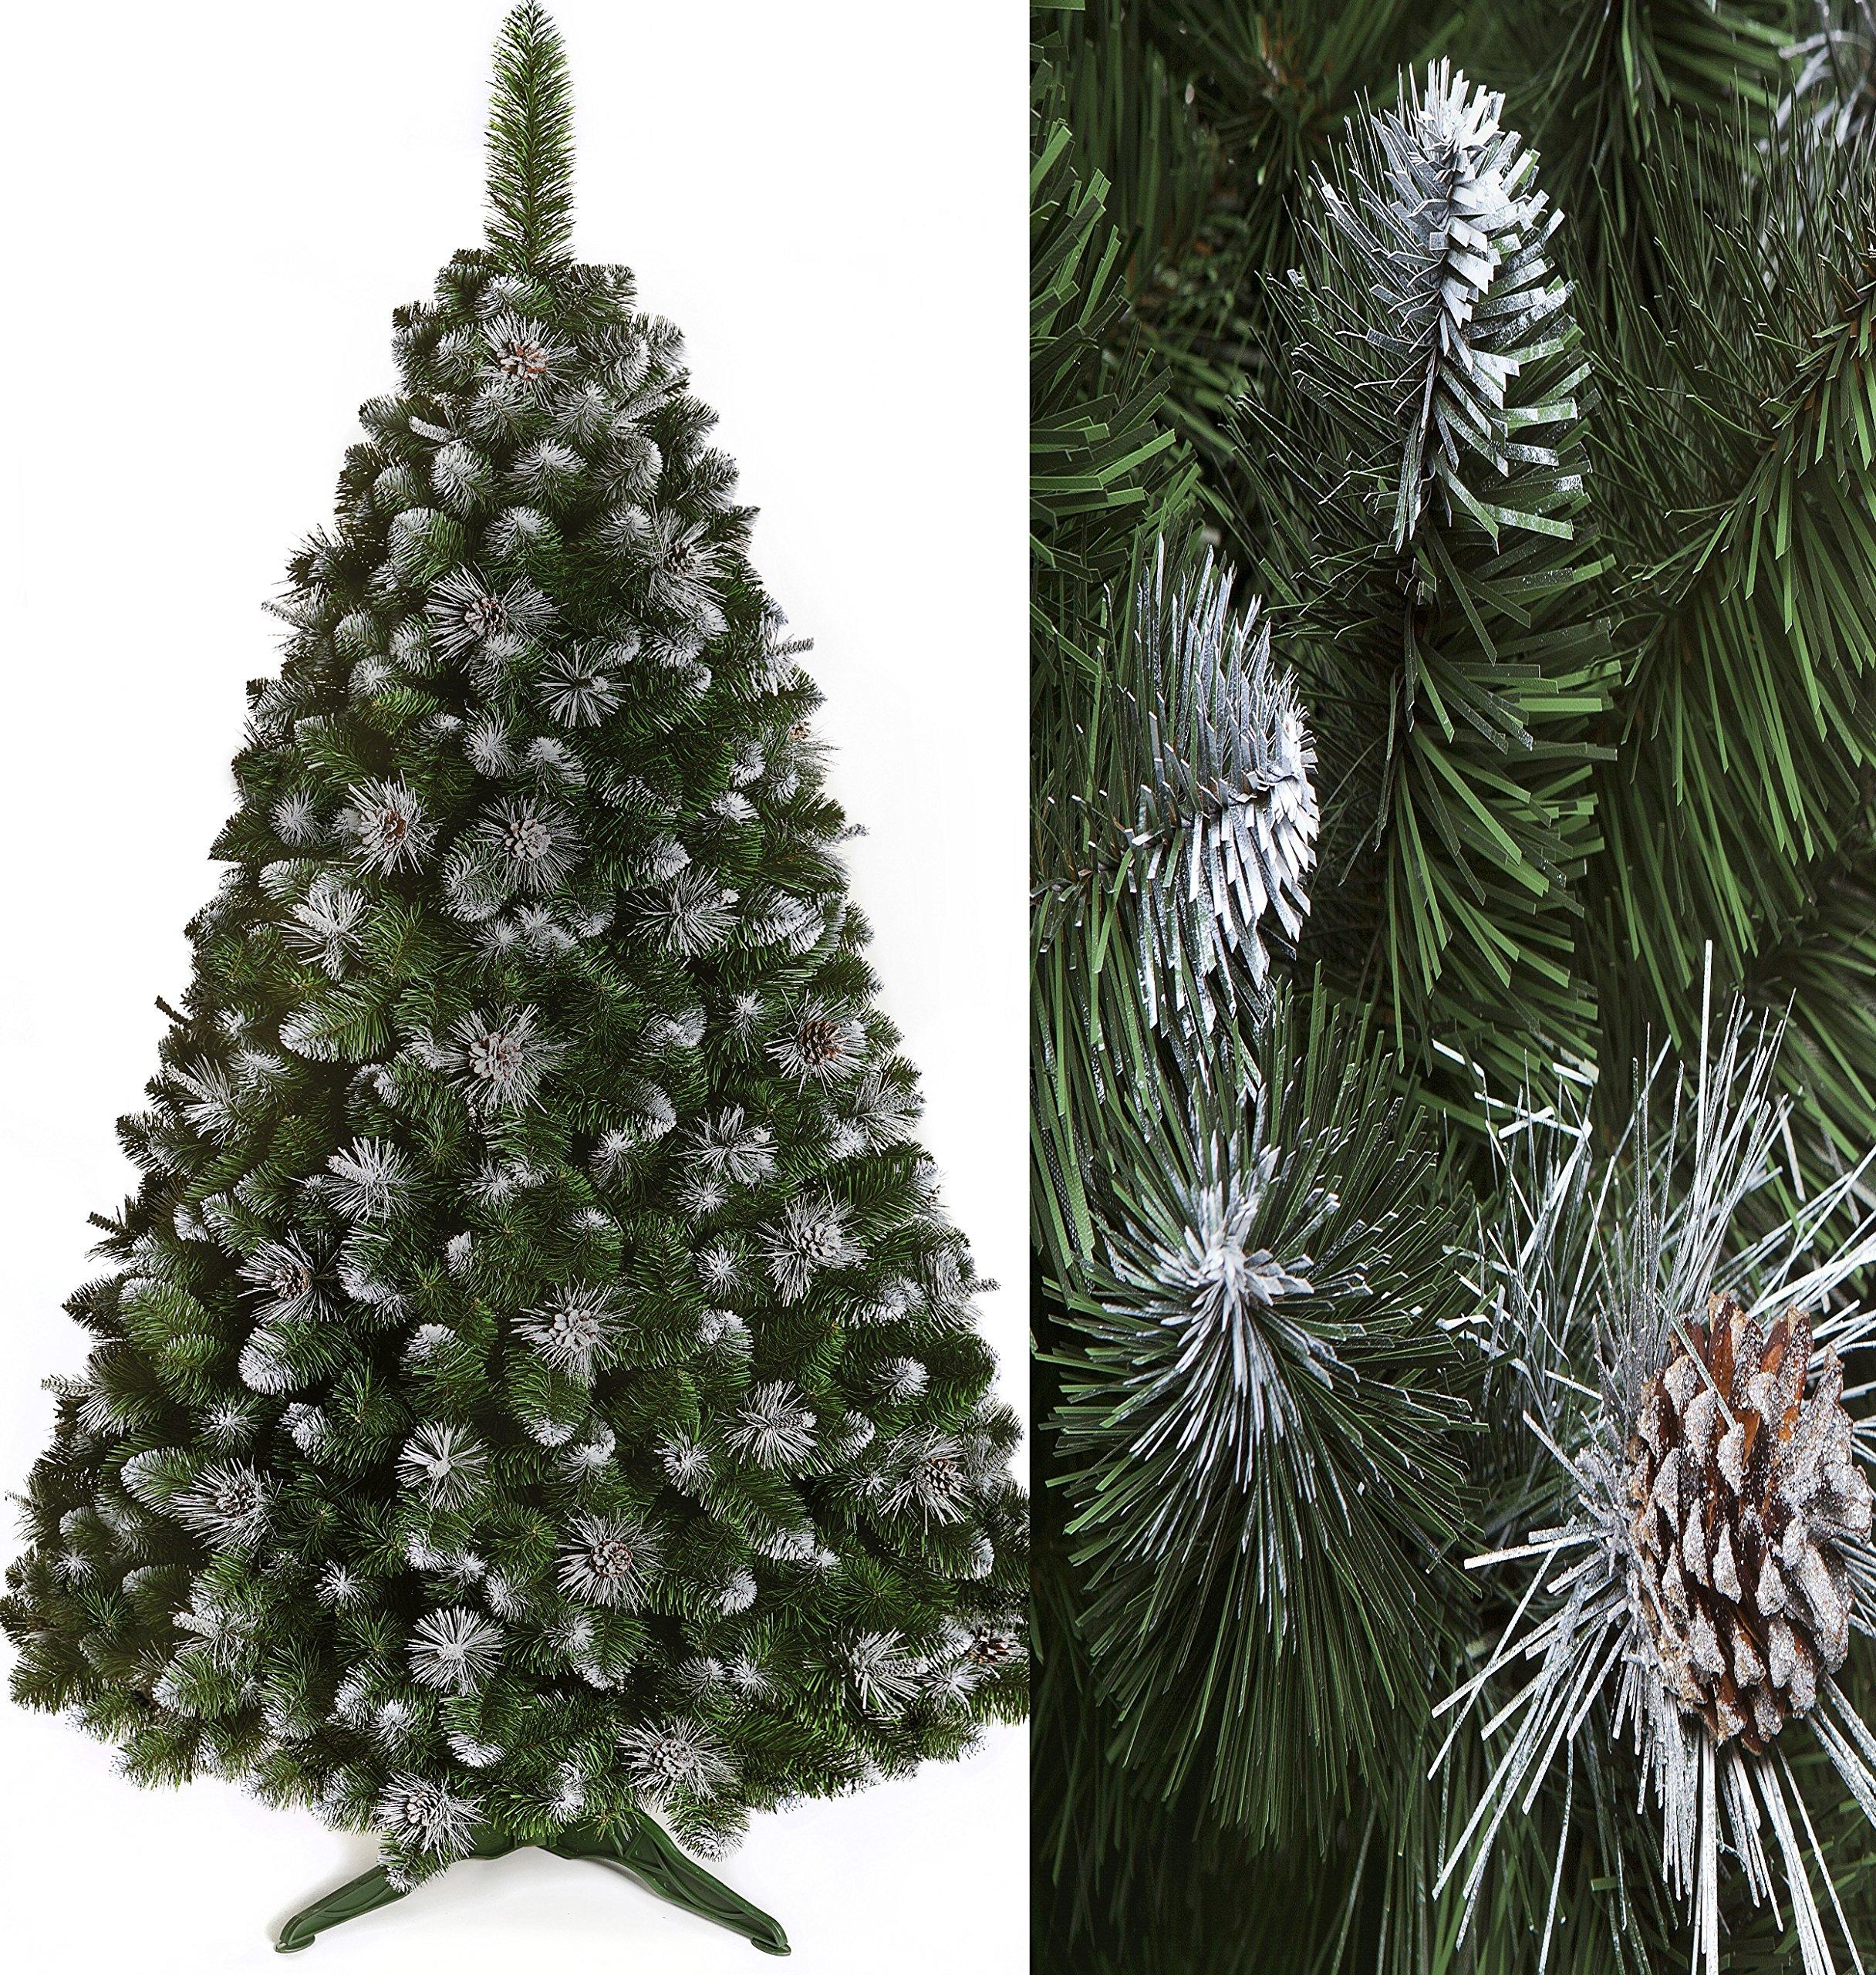 SILBERKIEFER-Weihnachtsbaum-Kunstbaum-knstlicher-Baum-Weihnachten-Schnee-Tannenbaum-Kiefer-Fichte-inkl100stMini-HARIBO-Goldbren